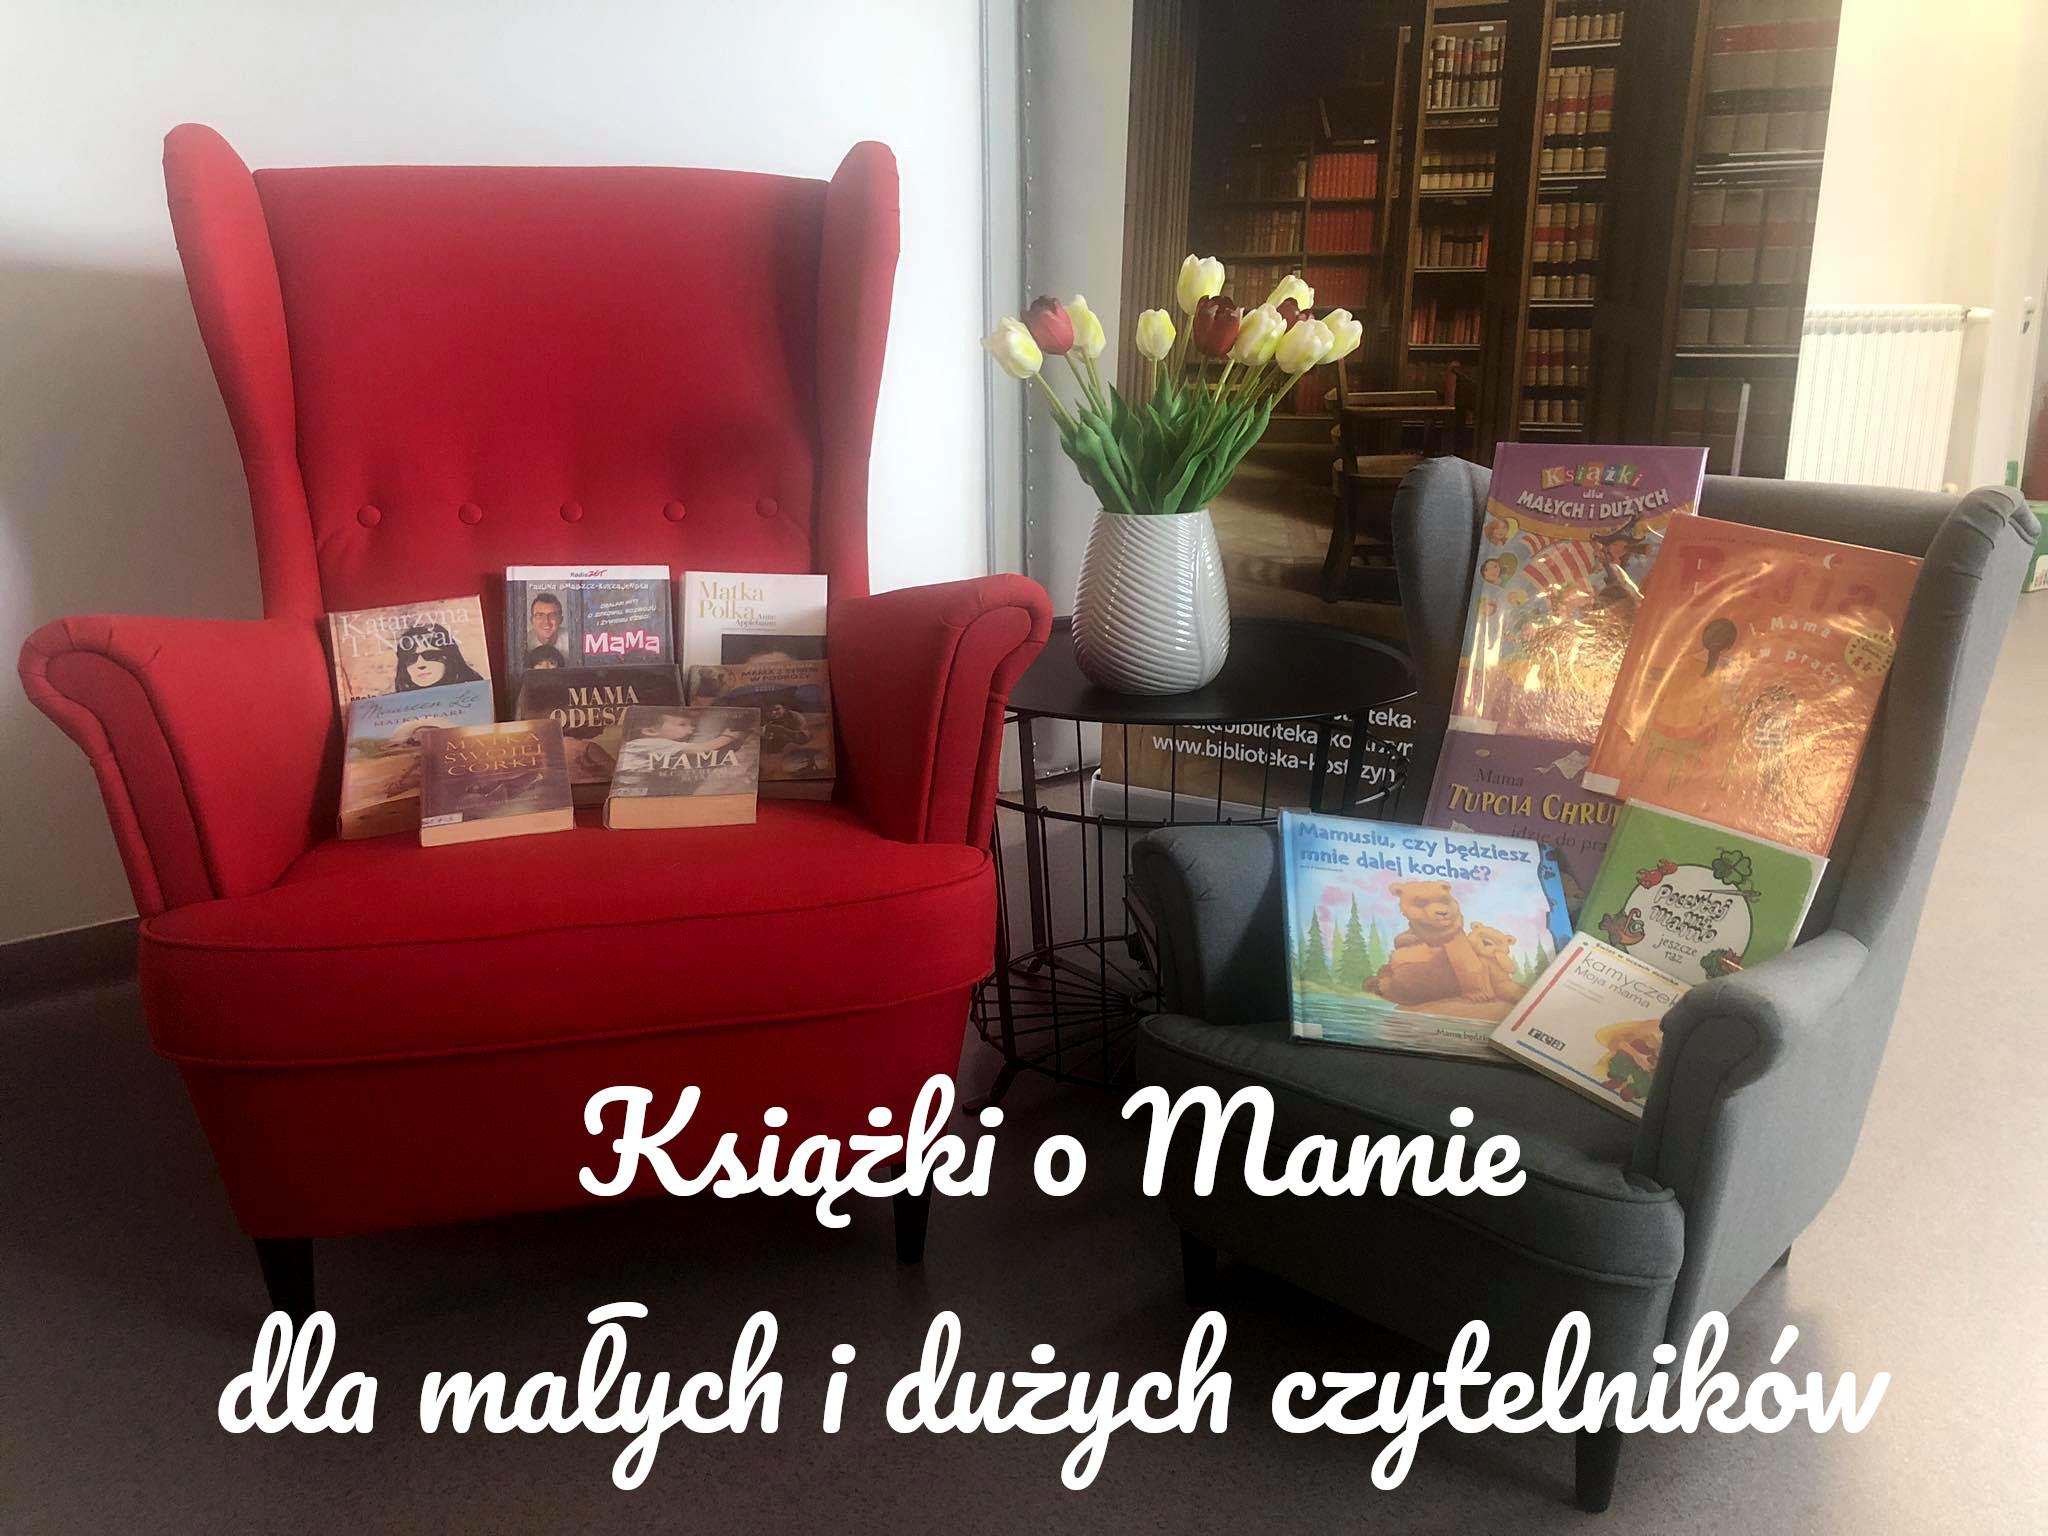 książki ze słowem mama w tytule leżą na dwóch fotelach